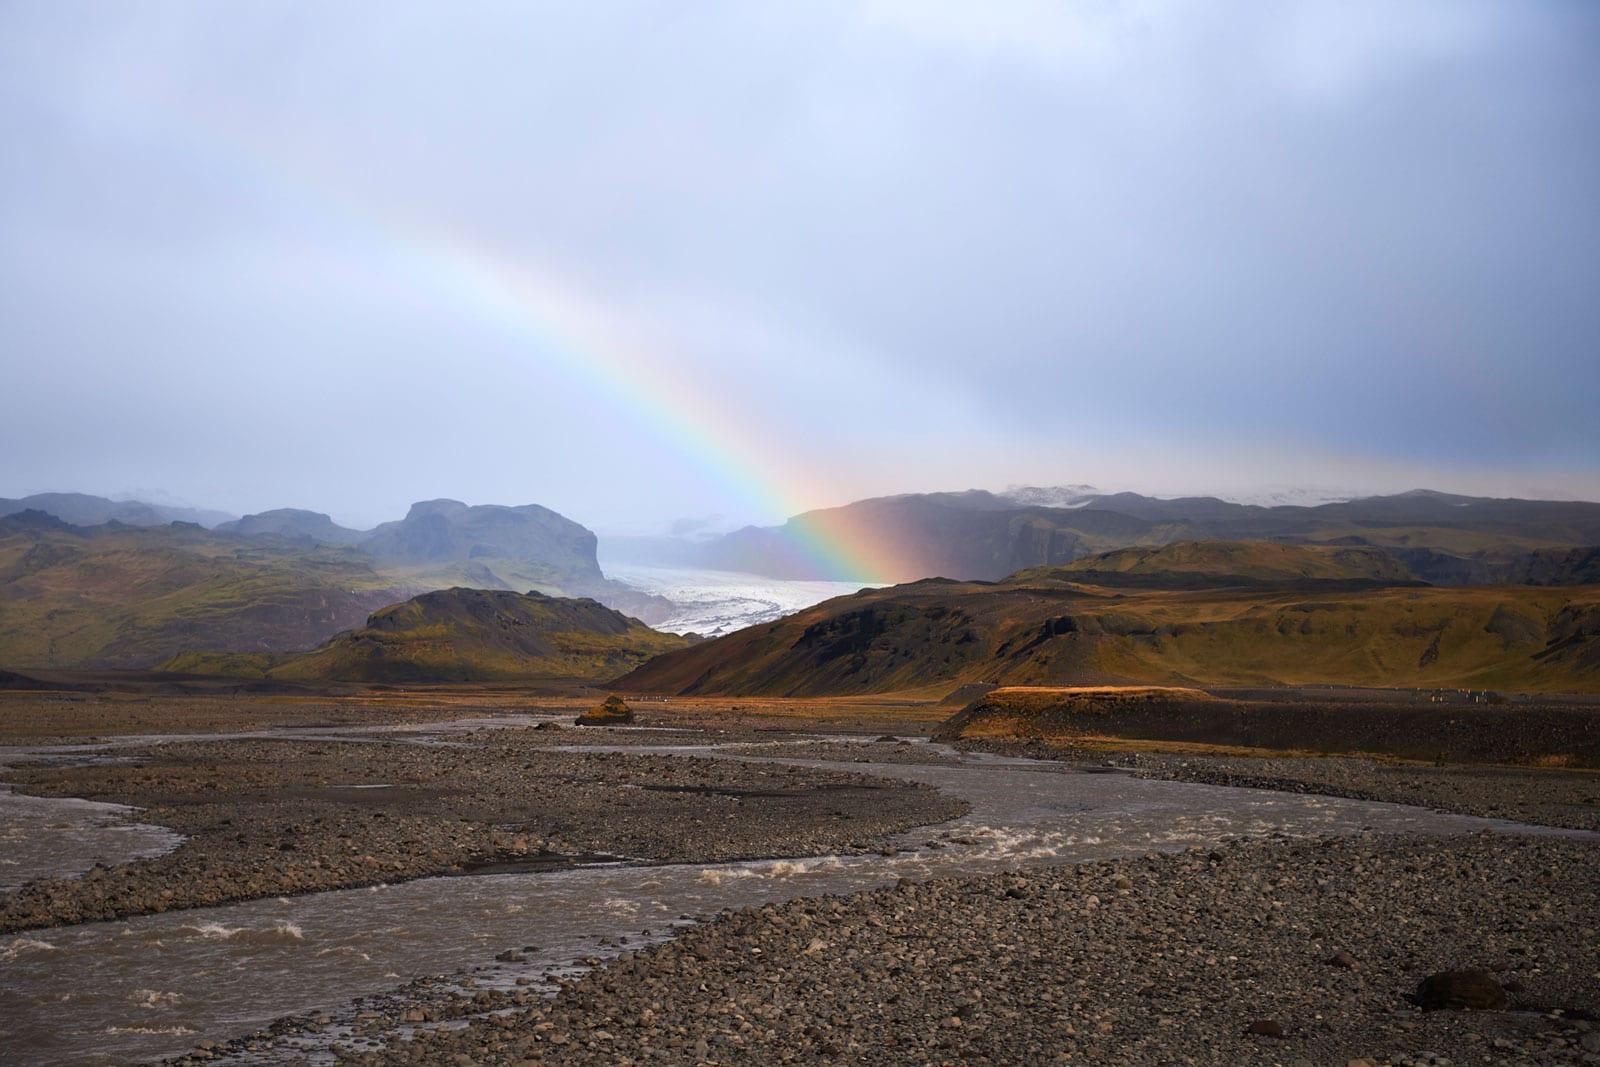 Regenbogen über Gletscherlandschaft